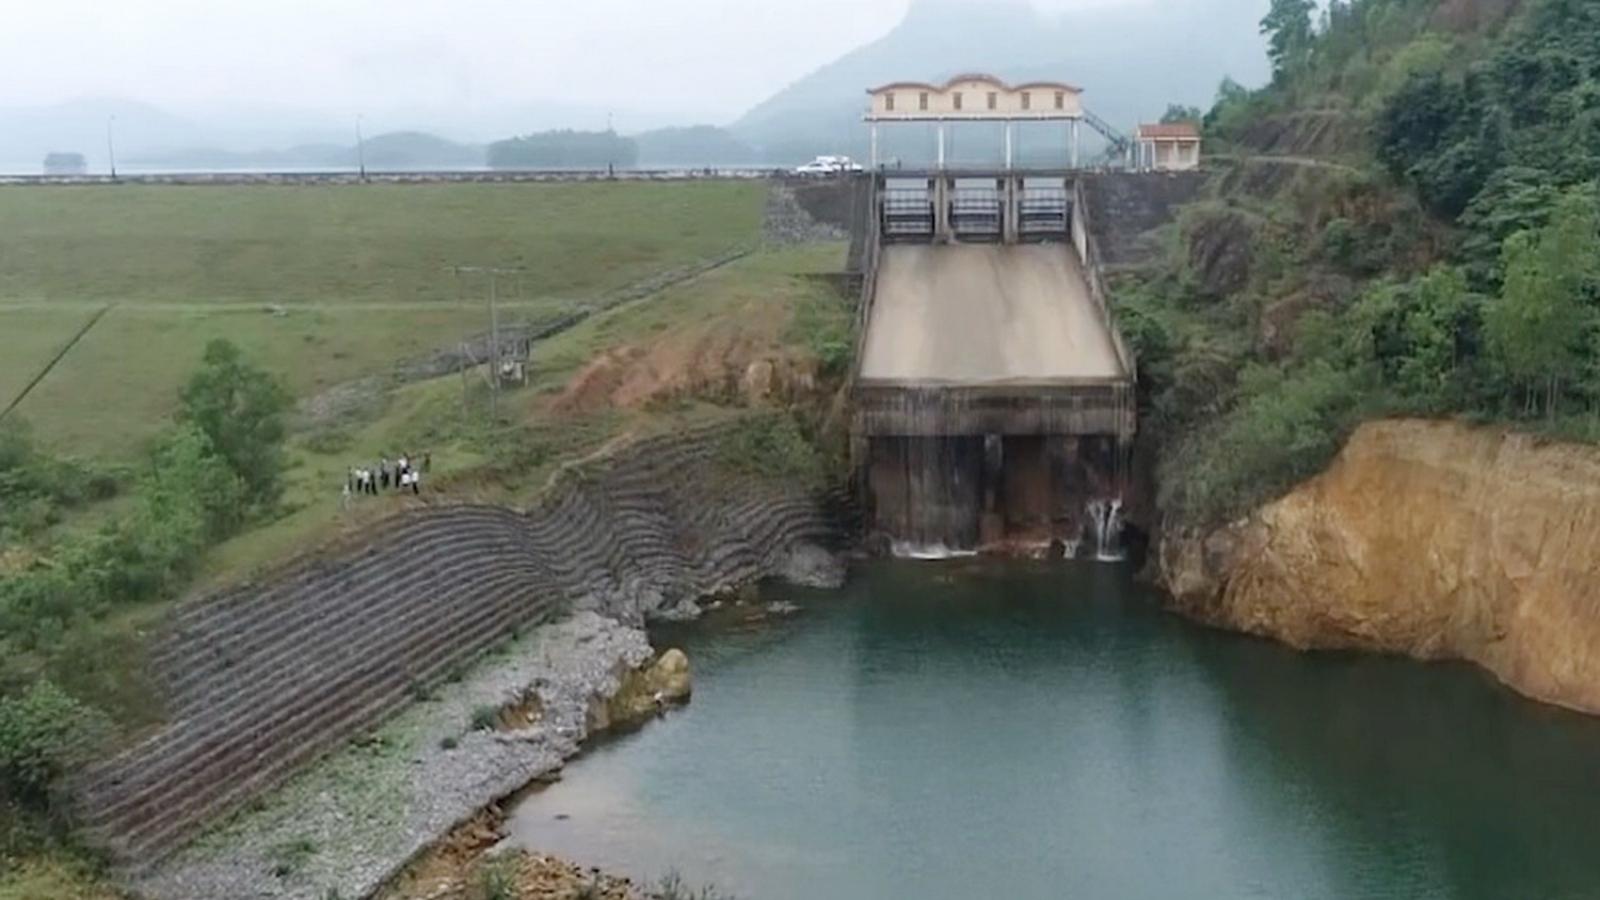 Nhiều hồ, đập thủy lợi lớn ở Quảng Bình xuống cấp, bao giờ được sửa chữa?